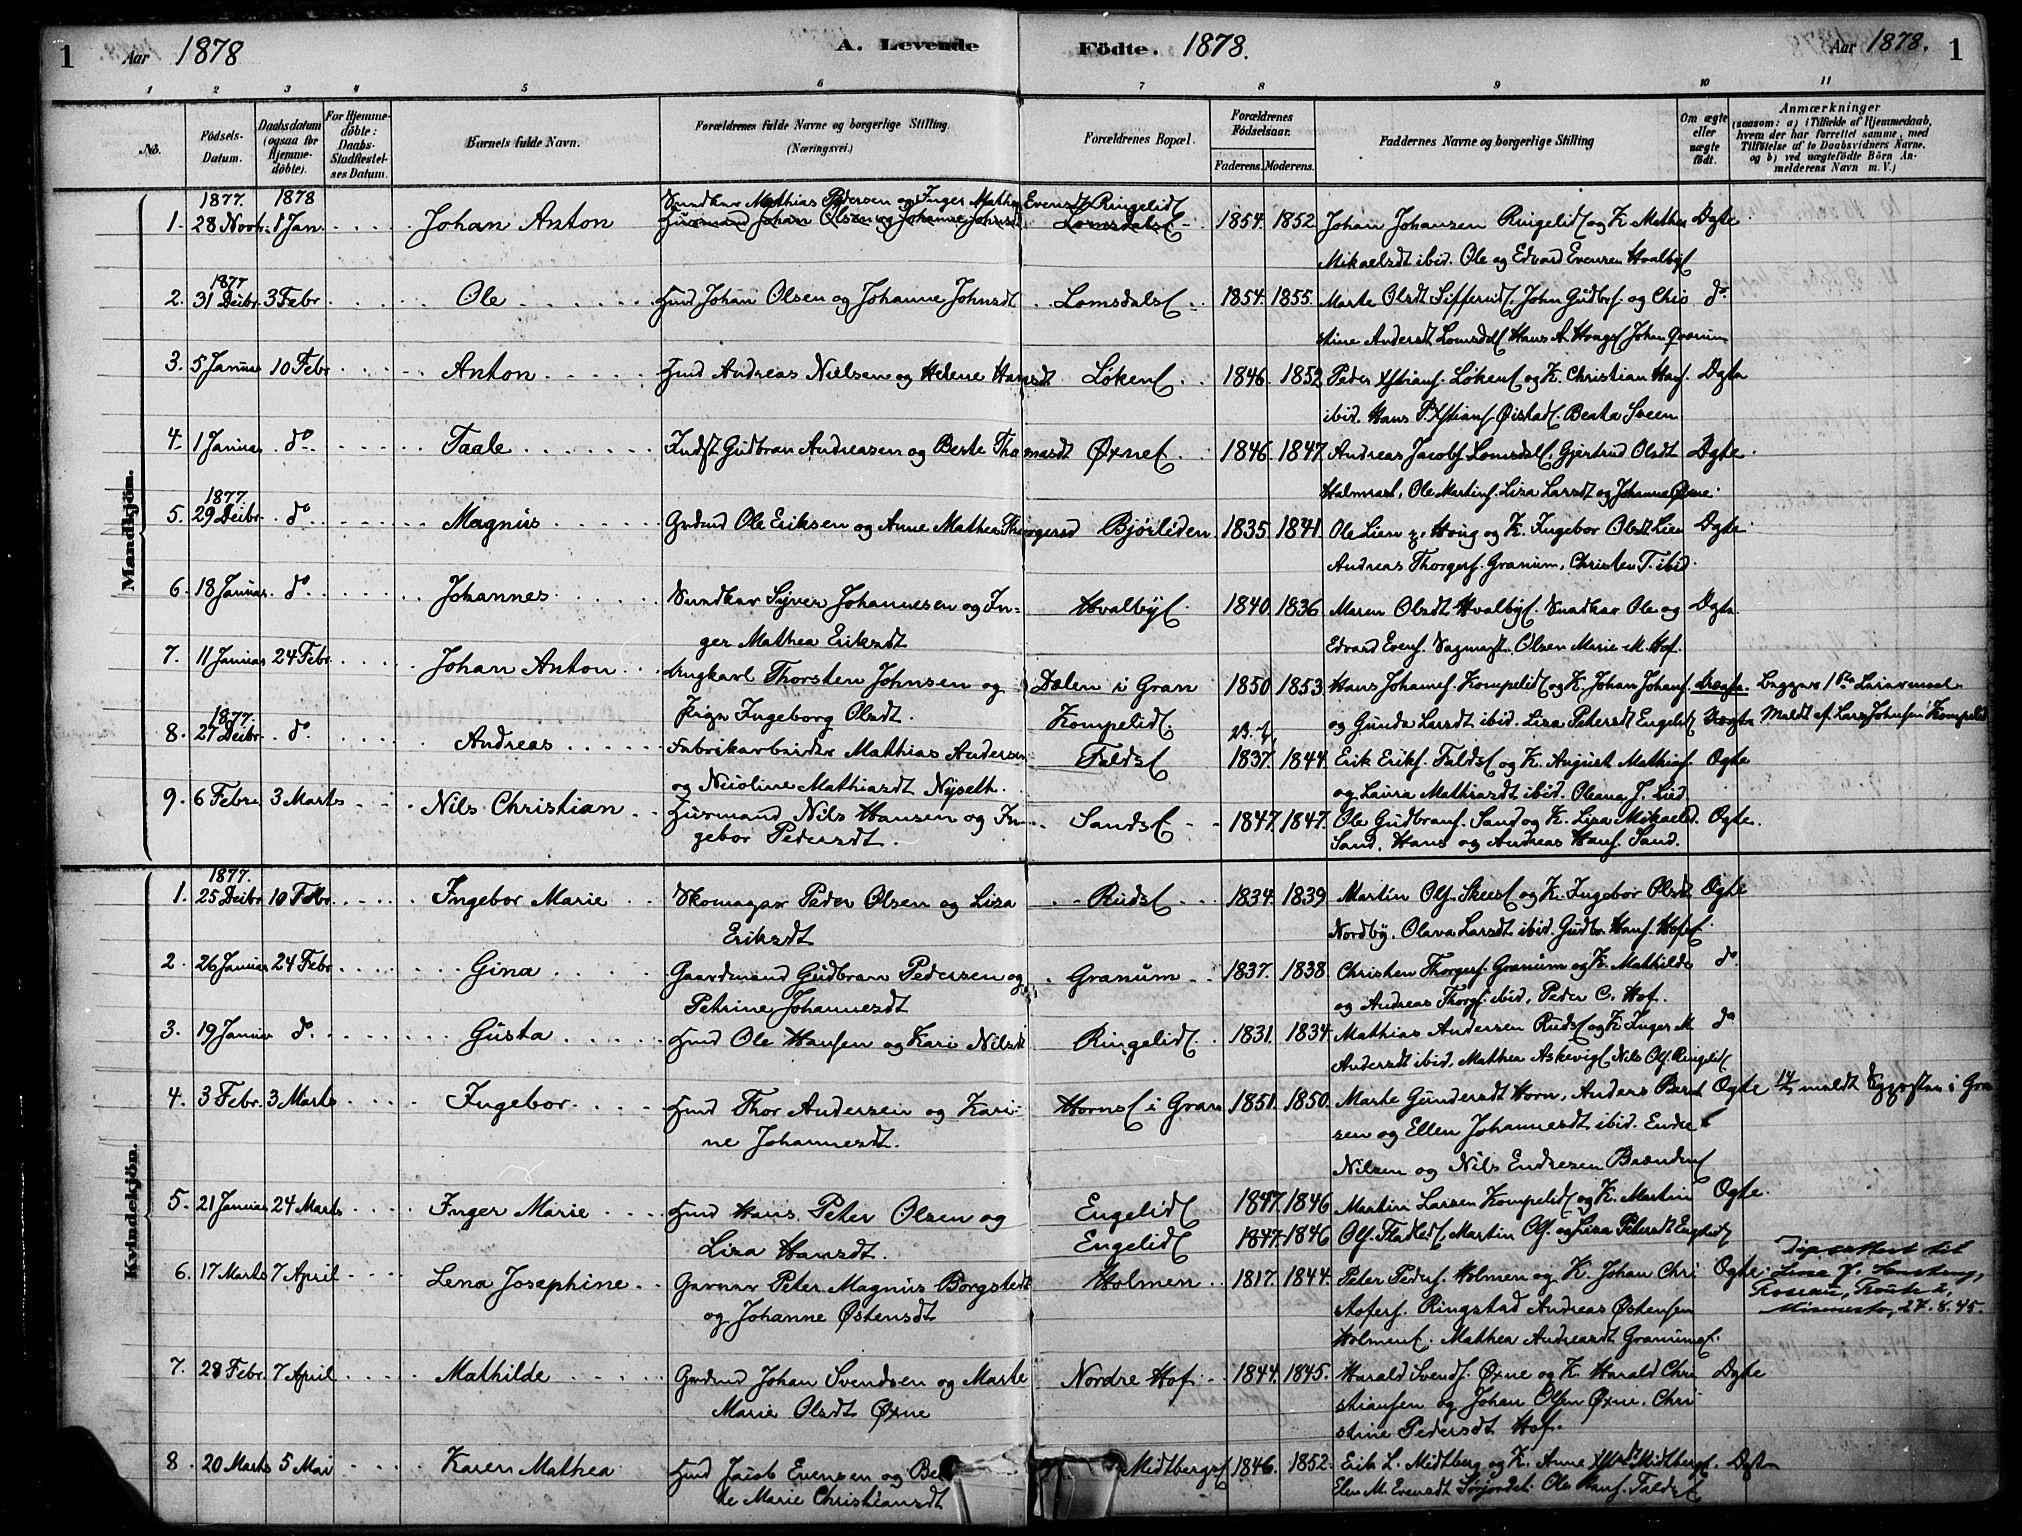 SAH, Søndre Land prestekontor, K/L0003: Ministerialbok nr. 3, 1878-1894, s. 1